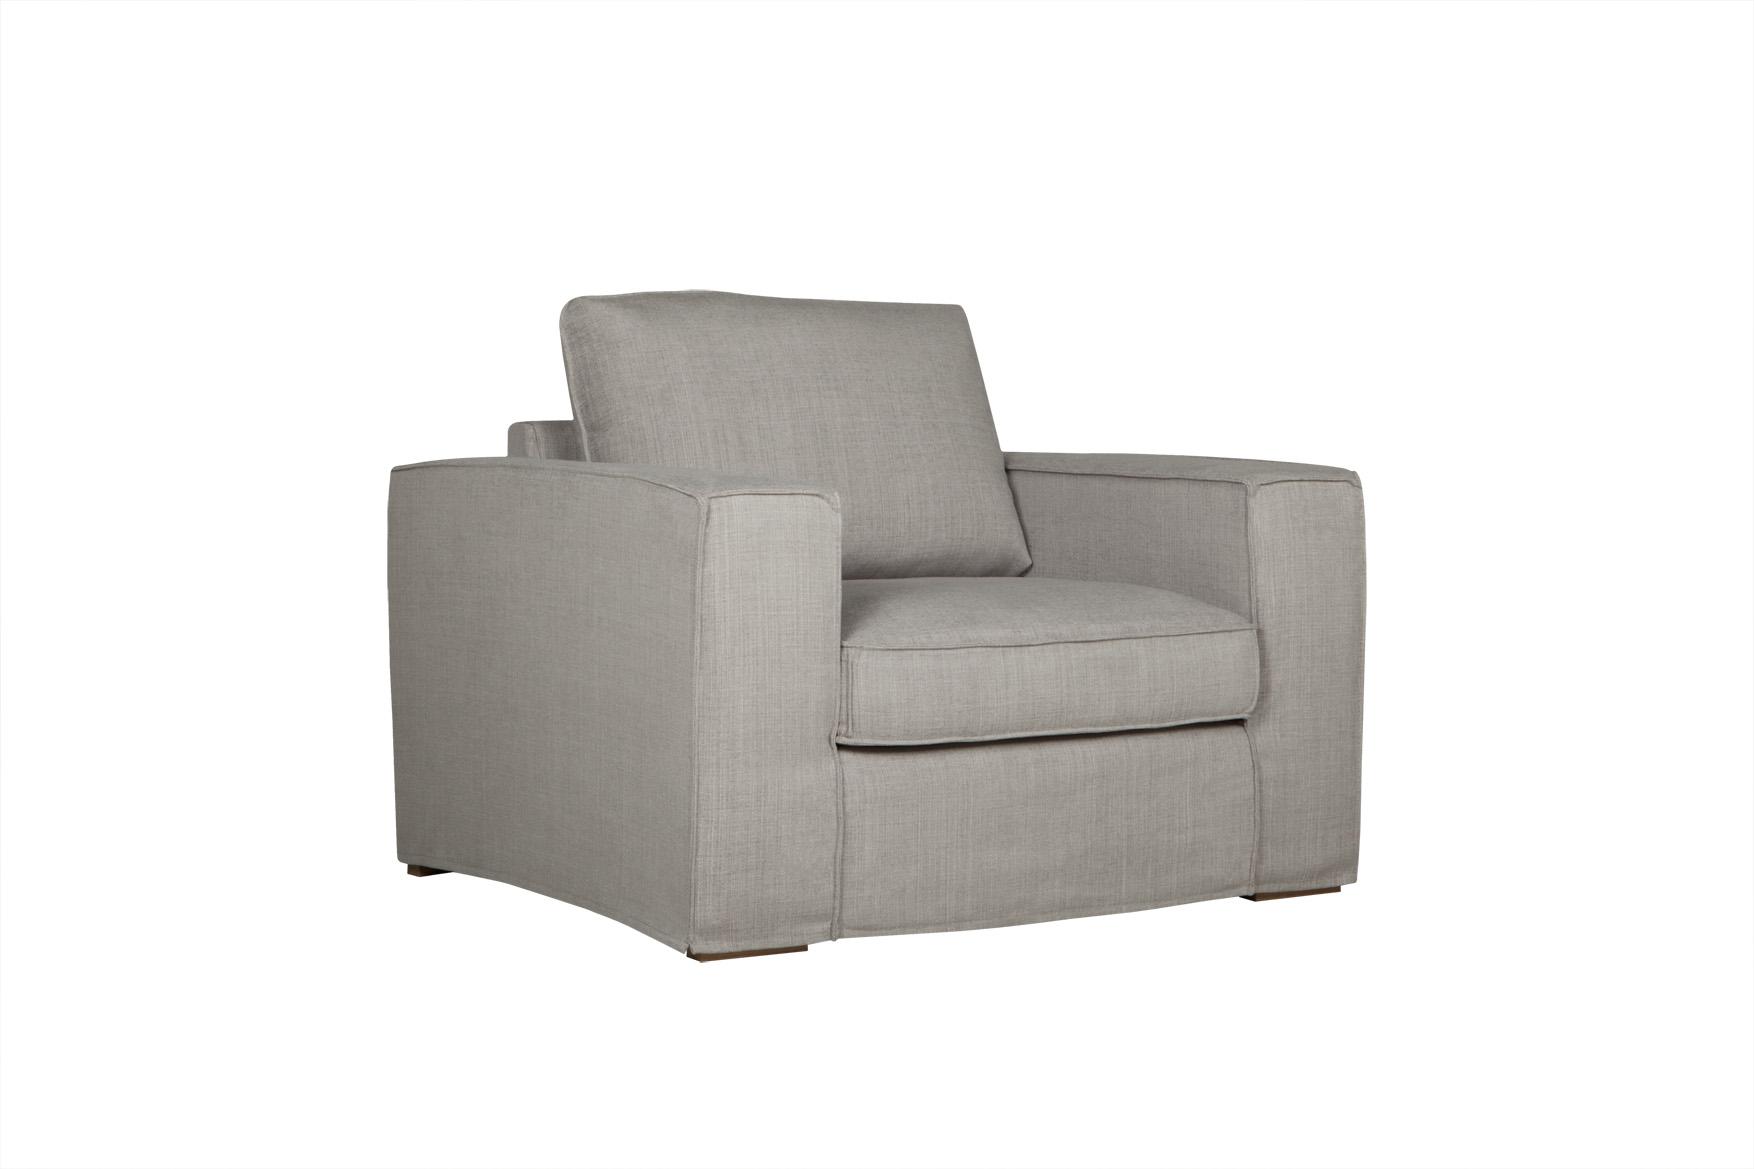 ABBE_armchair_mattis54_light_grey_2